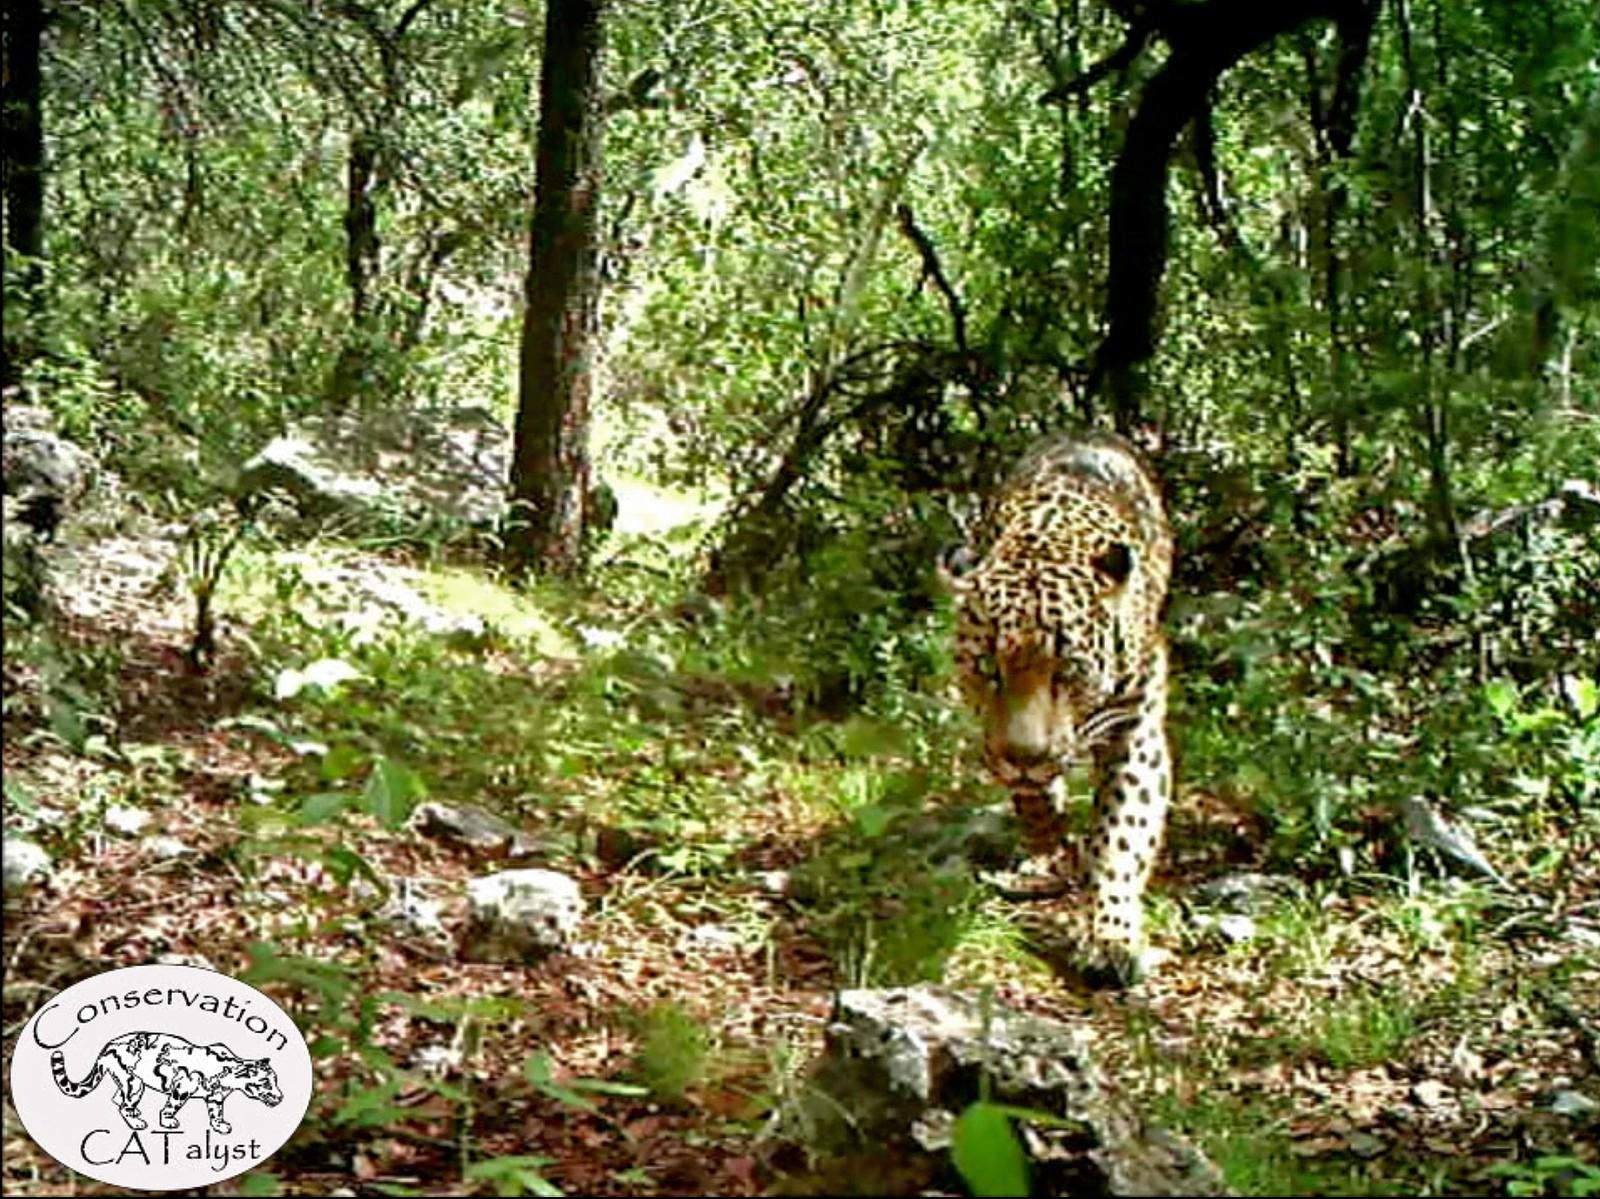 Det første bildet av det som skal være USAs eneste ville jaguar, ble vist fram denne uka. Bildet er tatt i fjellområdet El Jefe i nærheten av Tucson, Arizona.